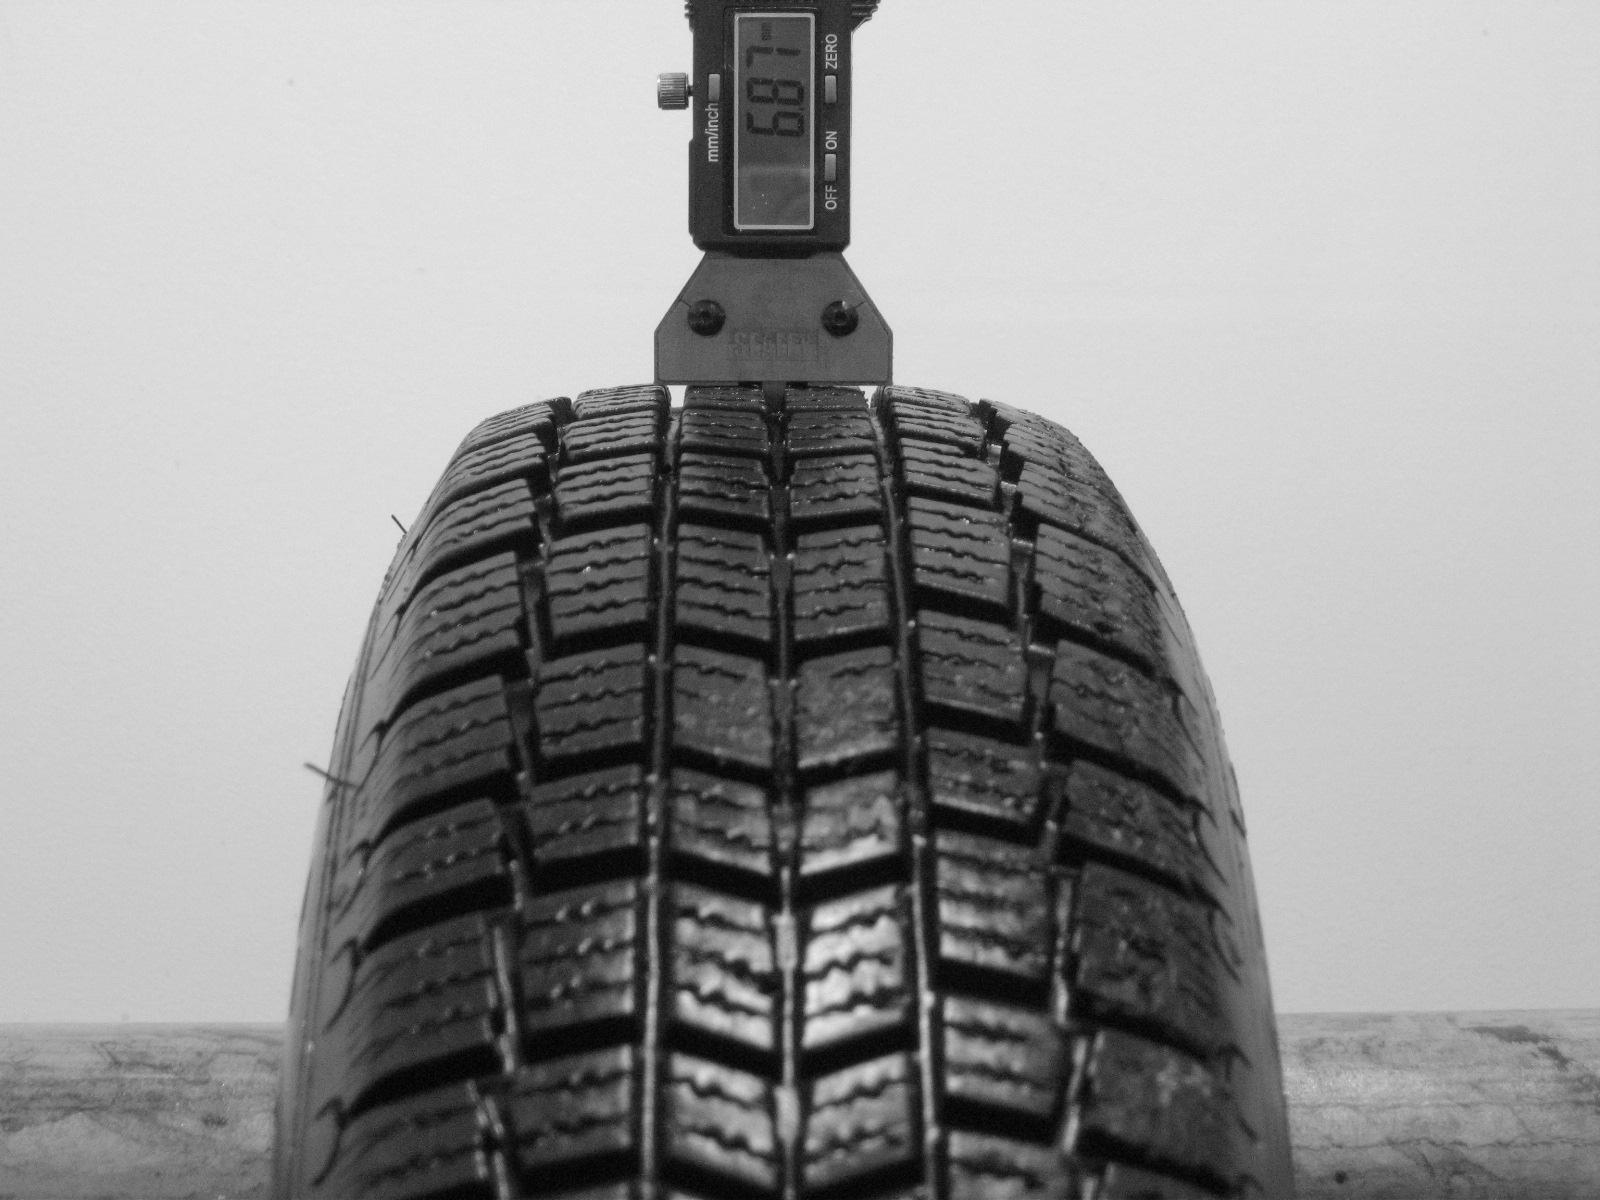 Použité-Pneu-Bazar - 155/80 R13 MICHELIN XM+S ALPIN -kusovka-rezerva 3mm